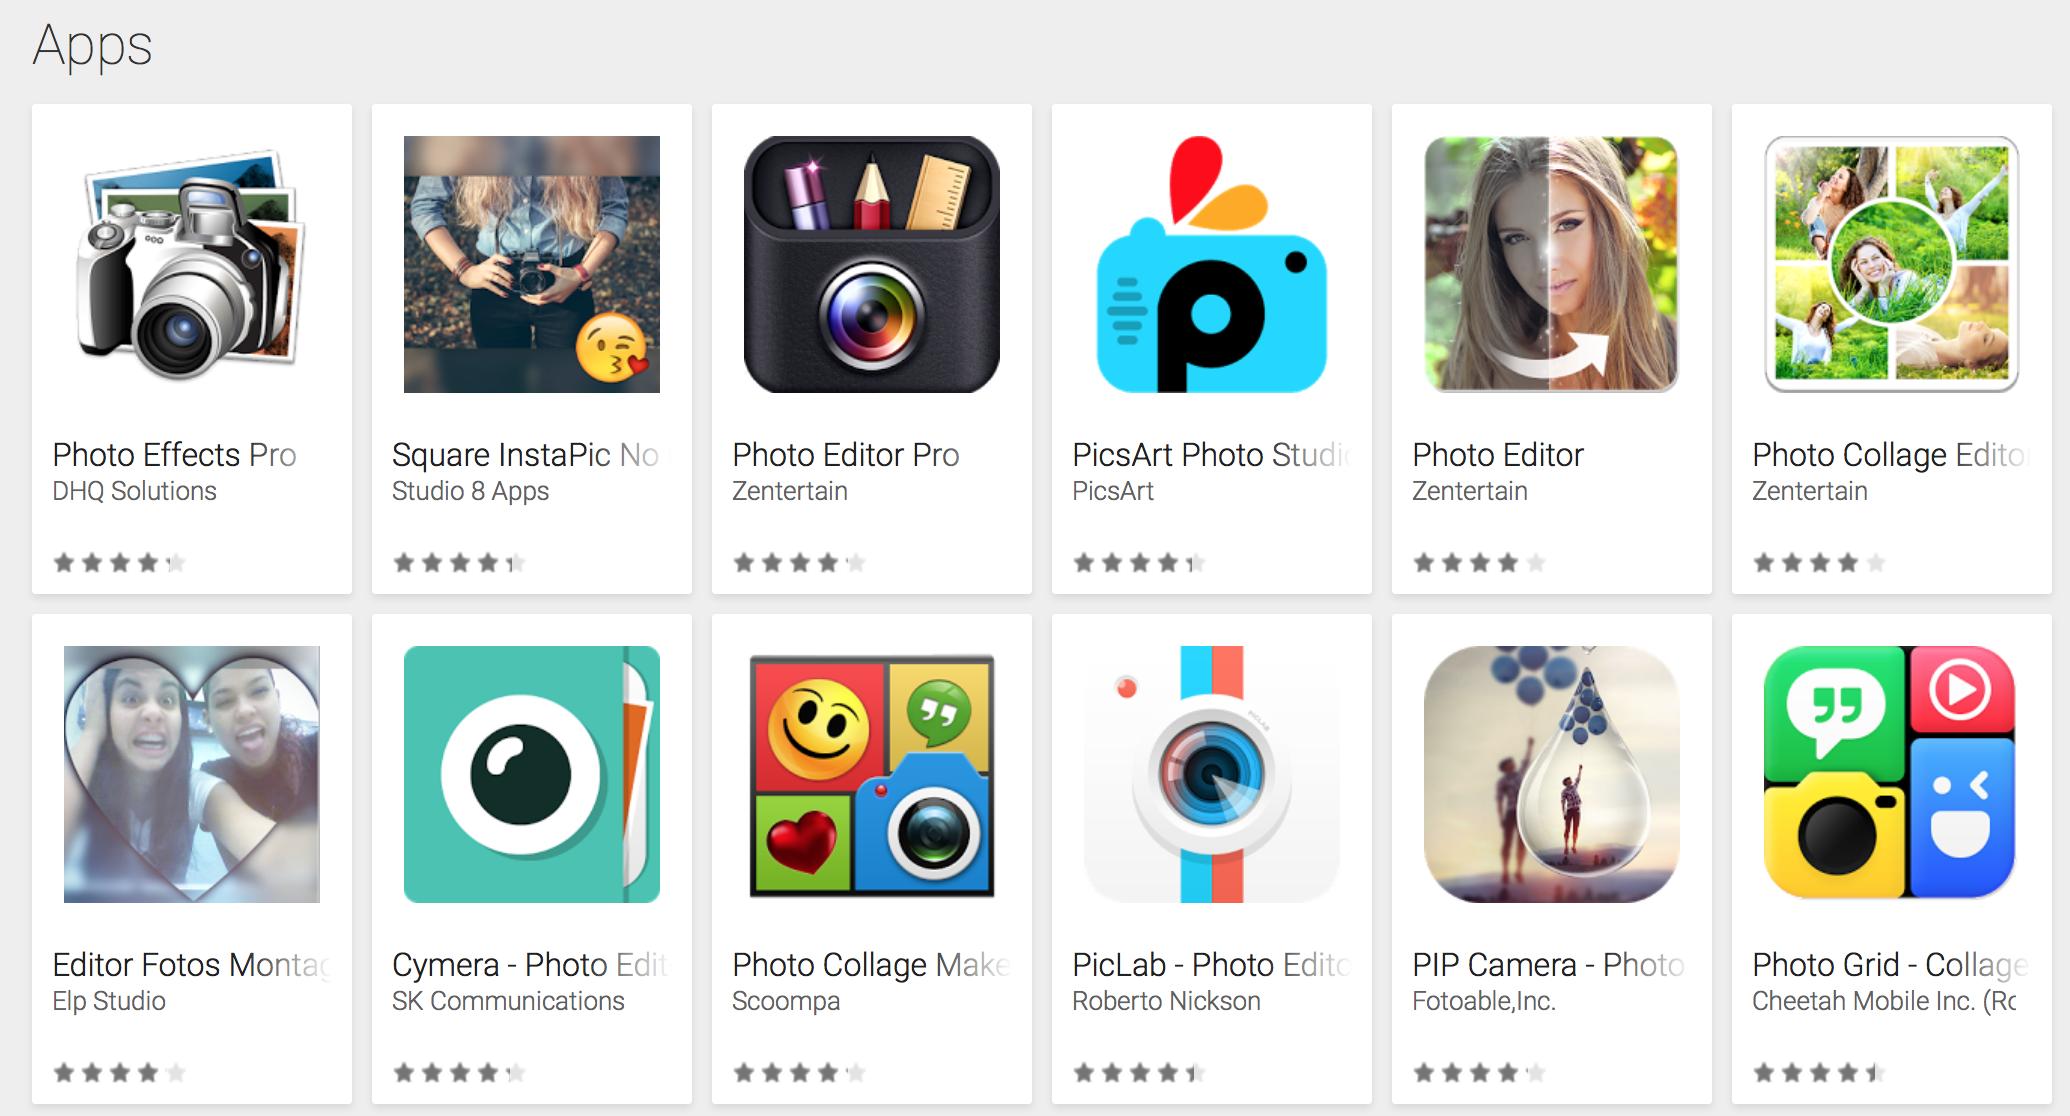 Aplicaciones para selfies m s populares del 2016 for Aplicaciones para decorar el movil